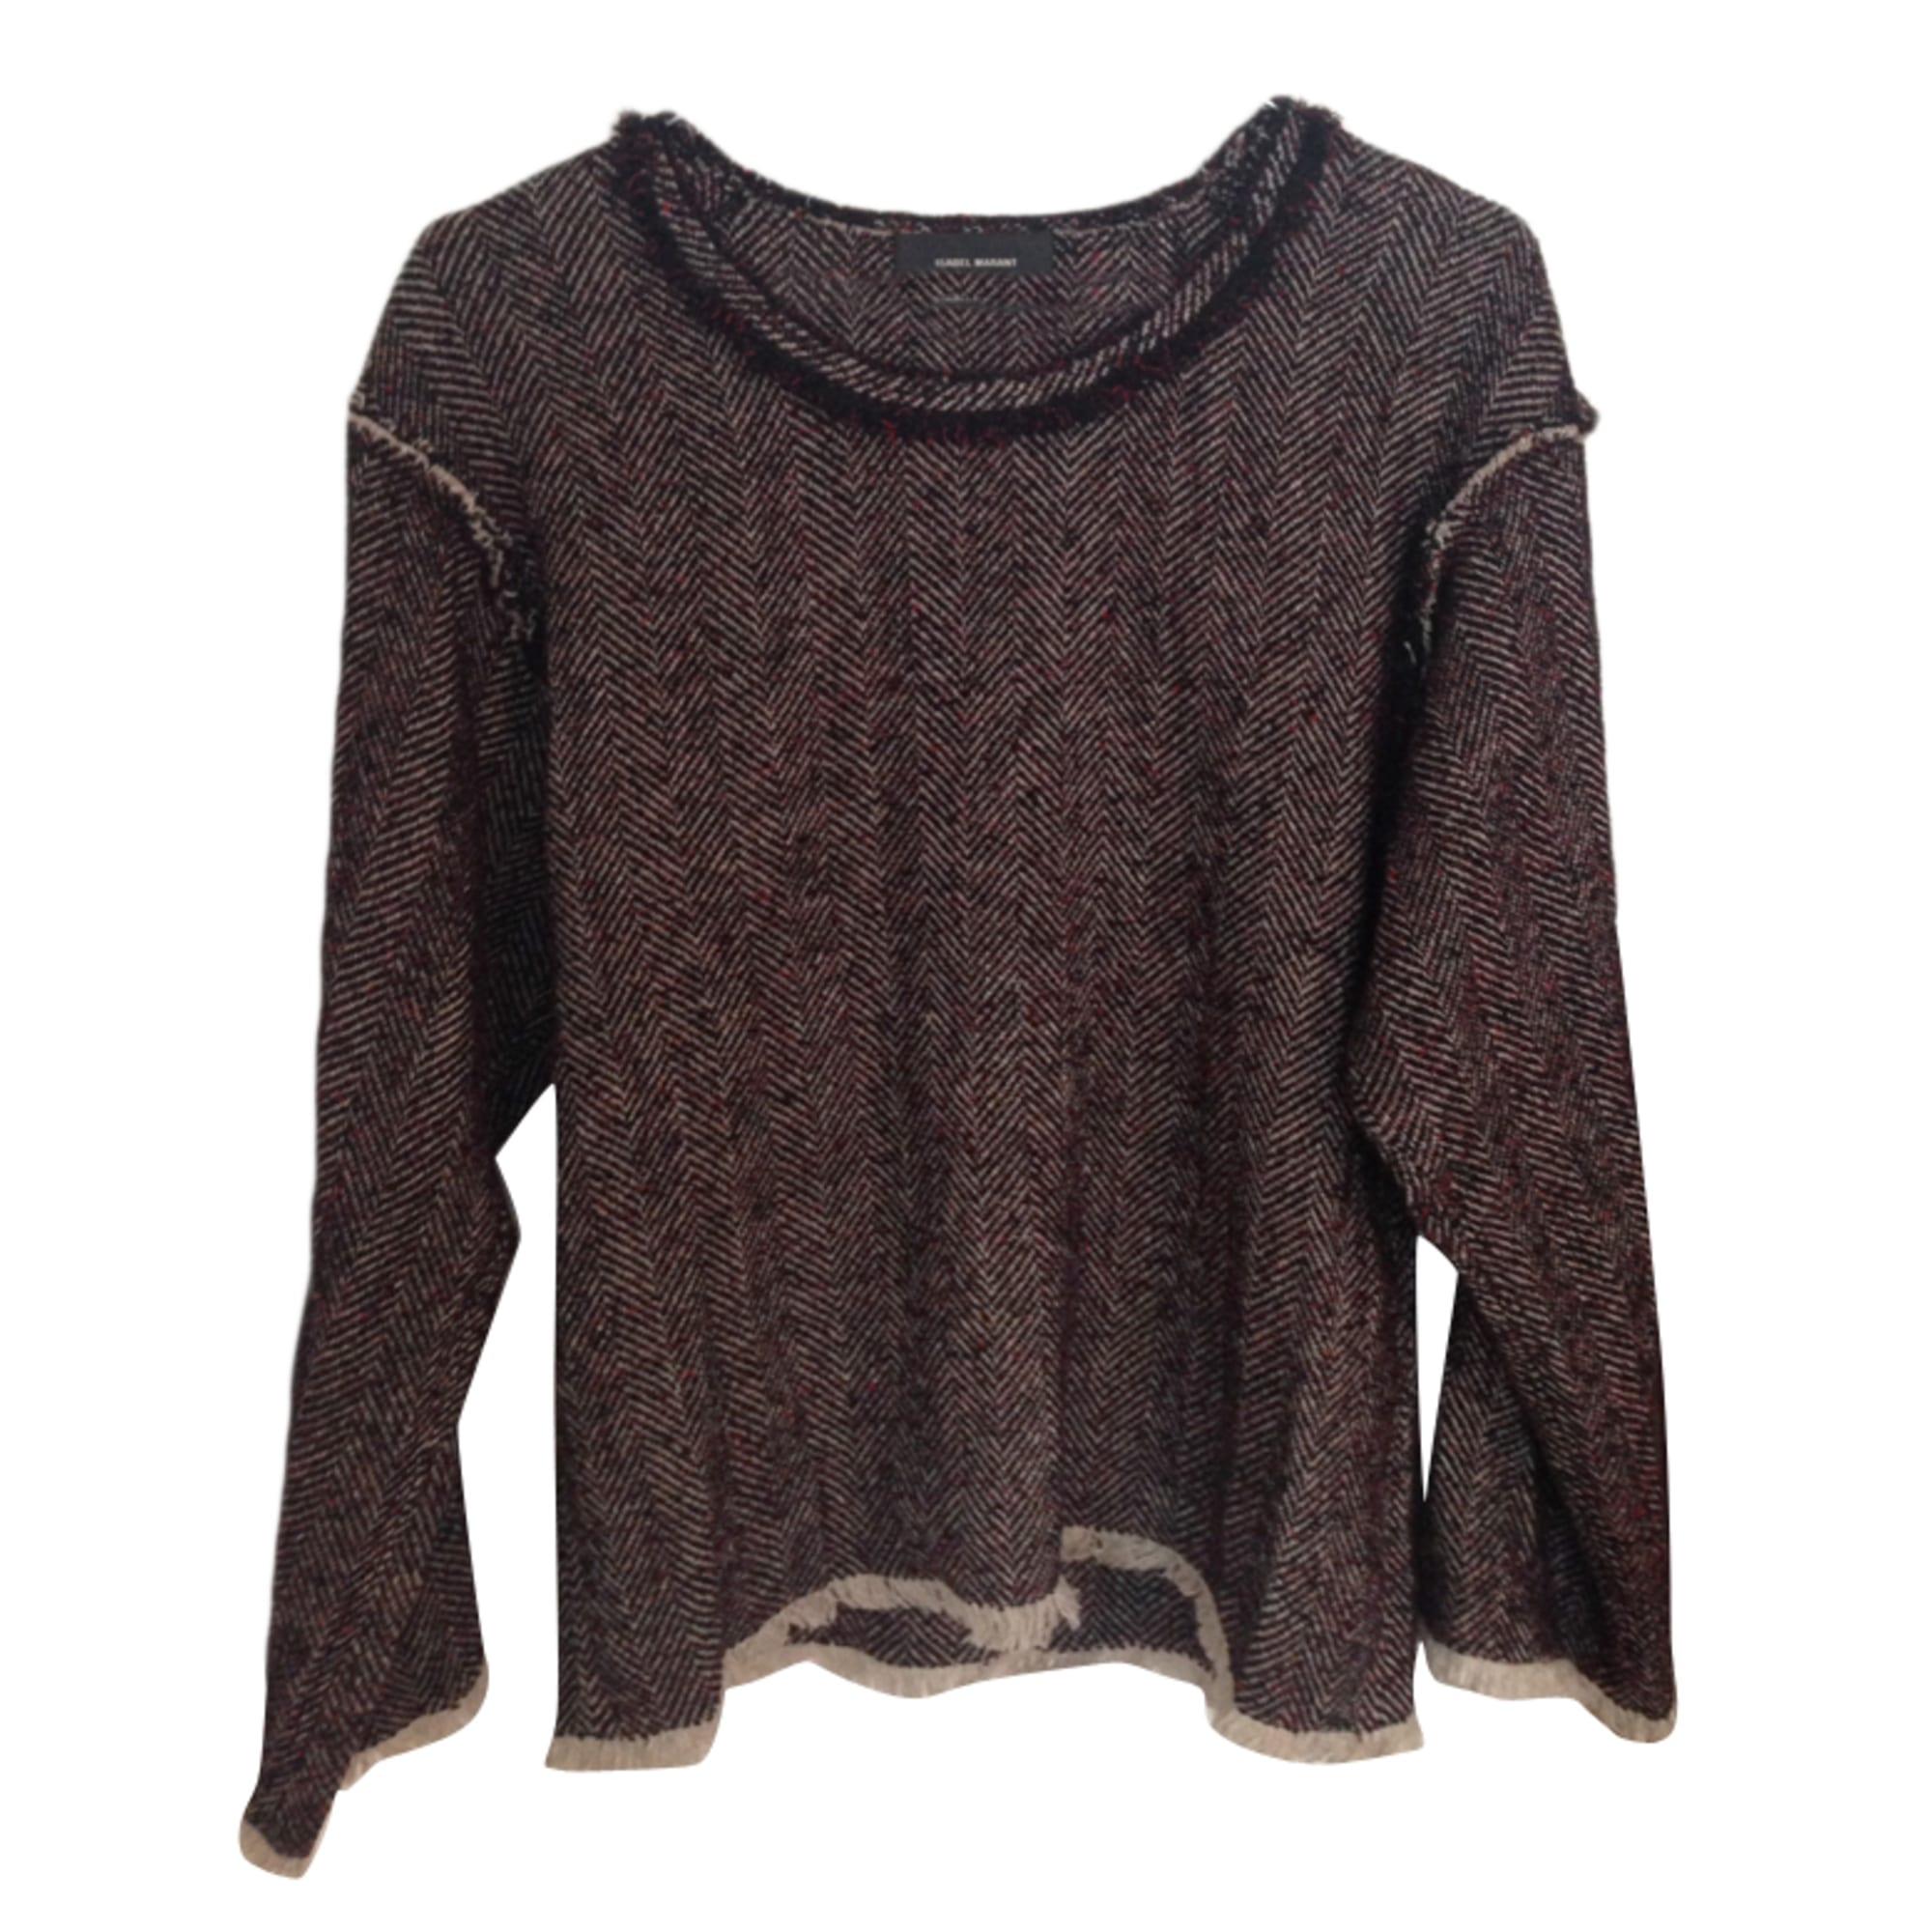 Top, tee-shirt ISABEL MARANT Chiné rouge, noir, écru.